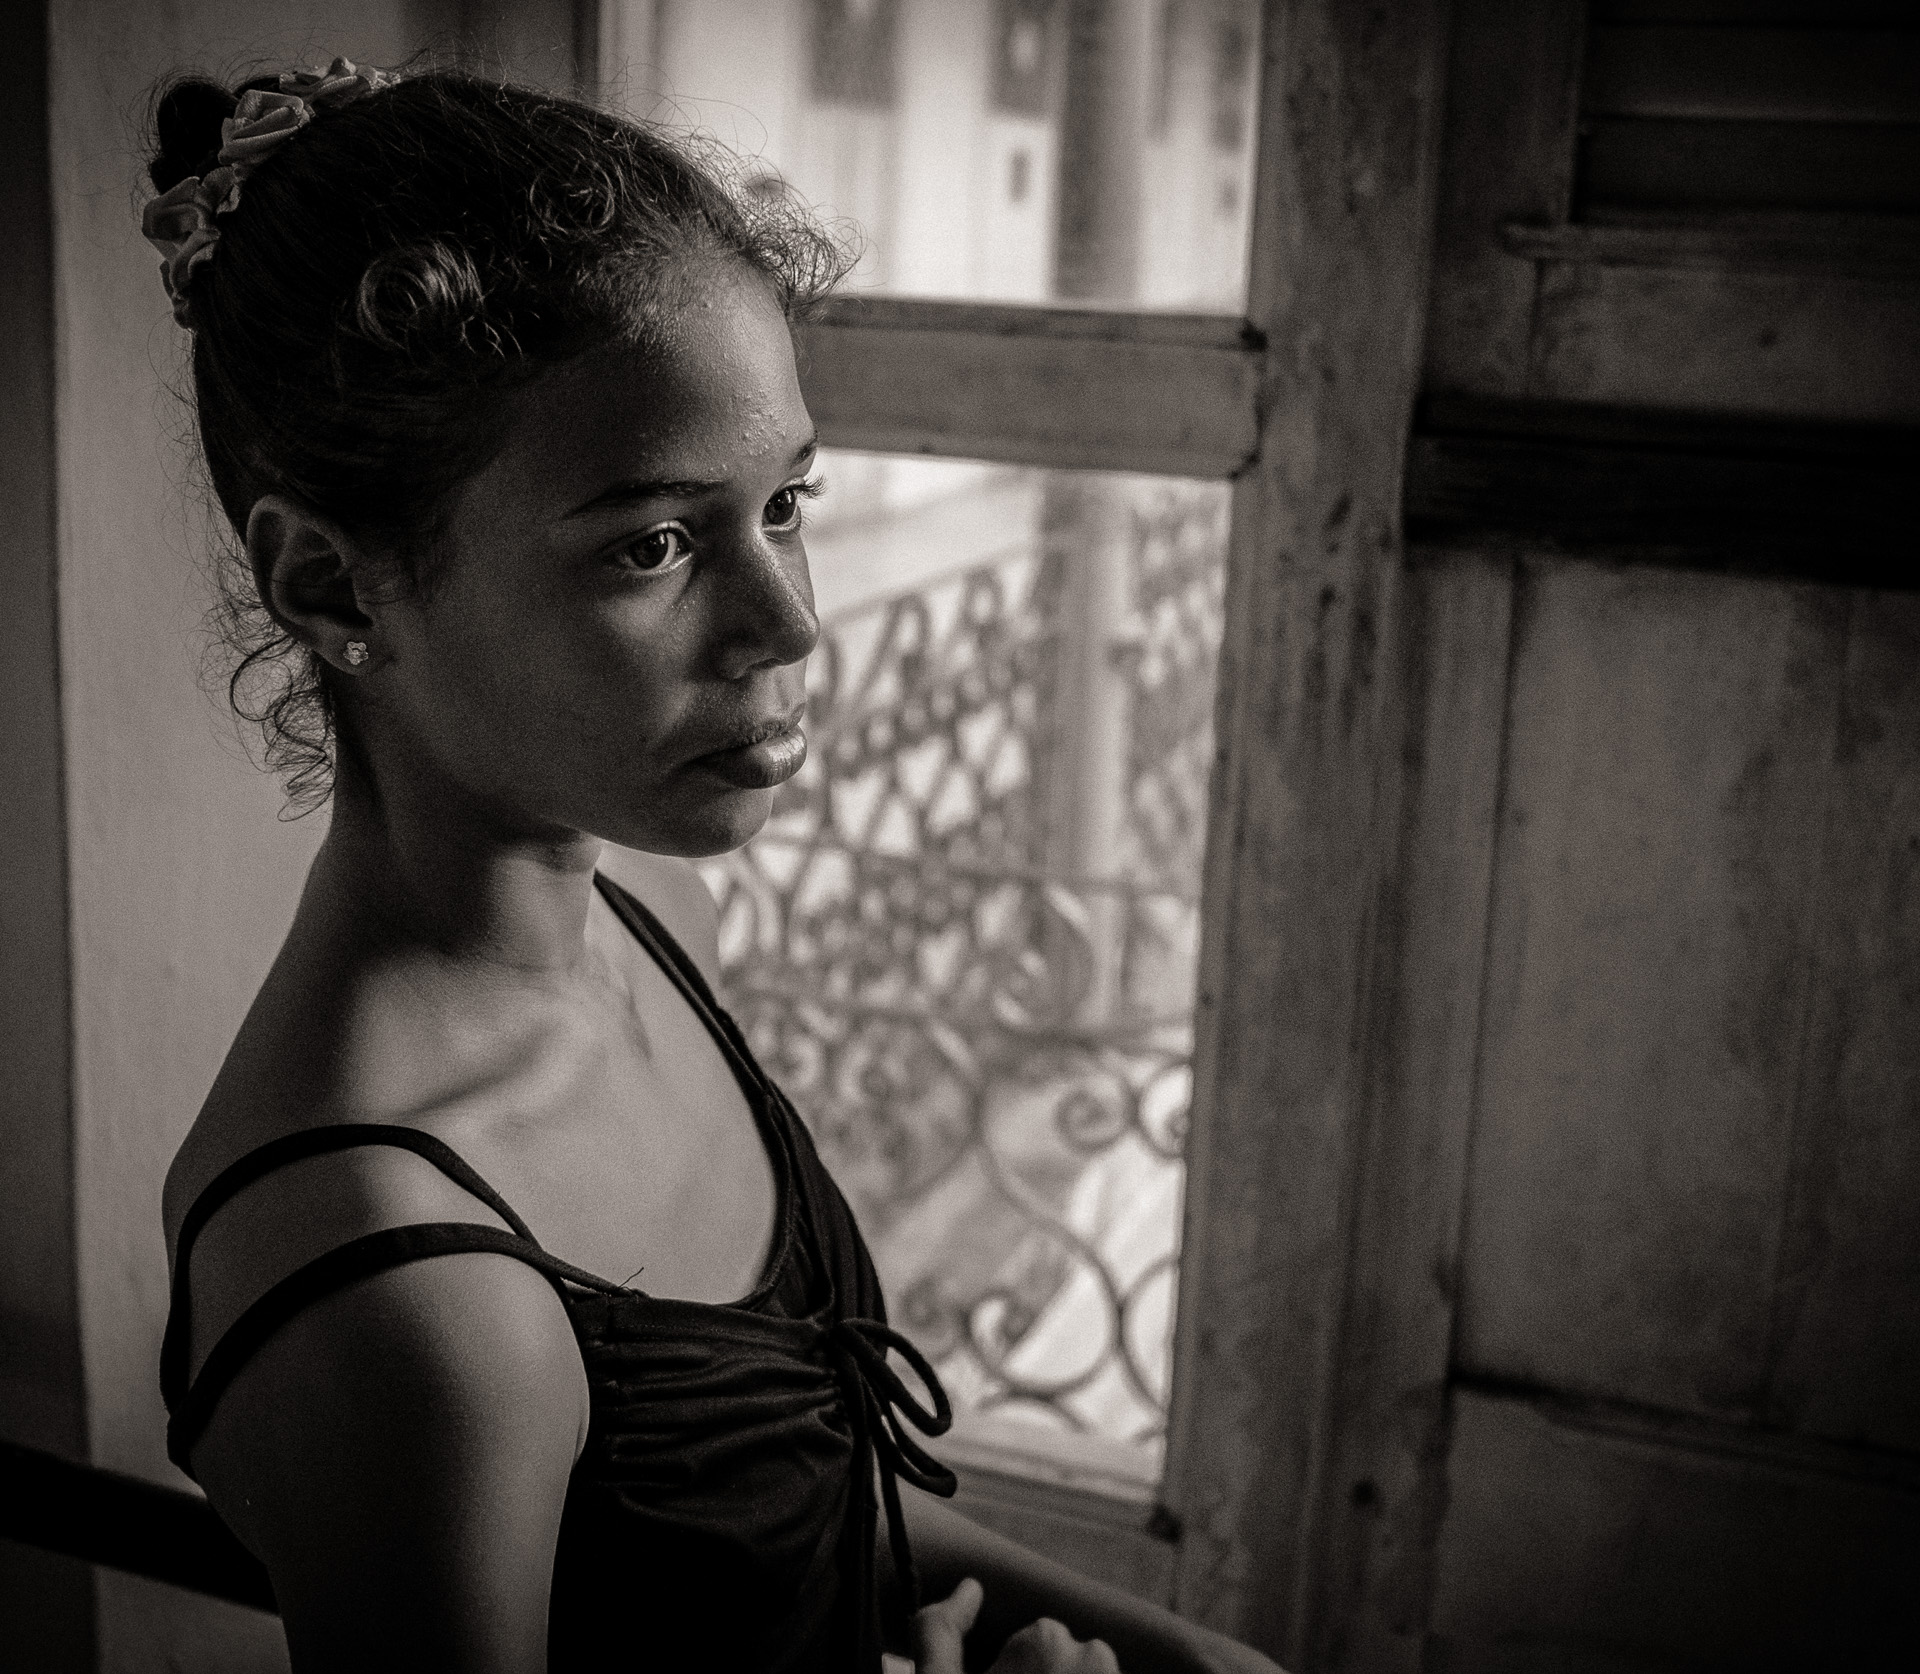 Portrait of a young ballerina in Havana, Cuba